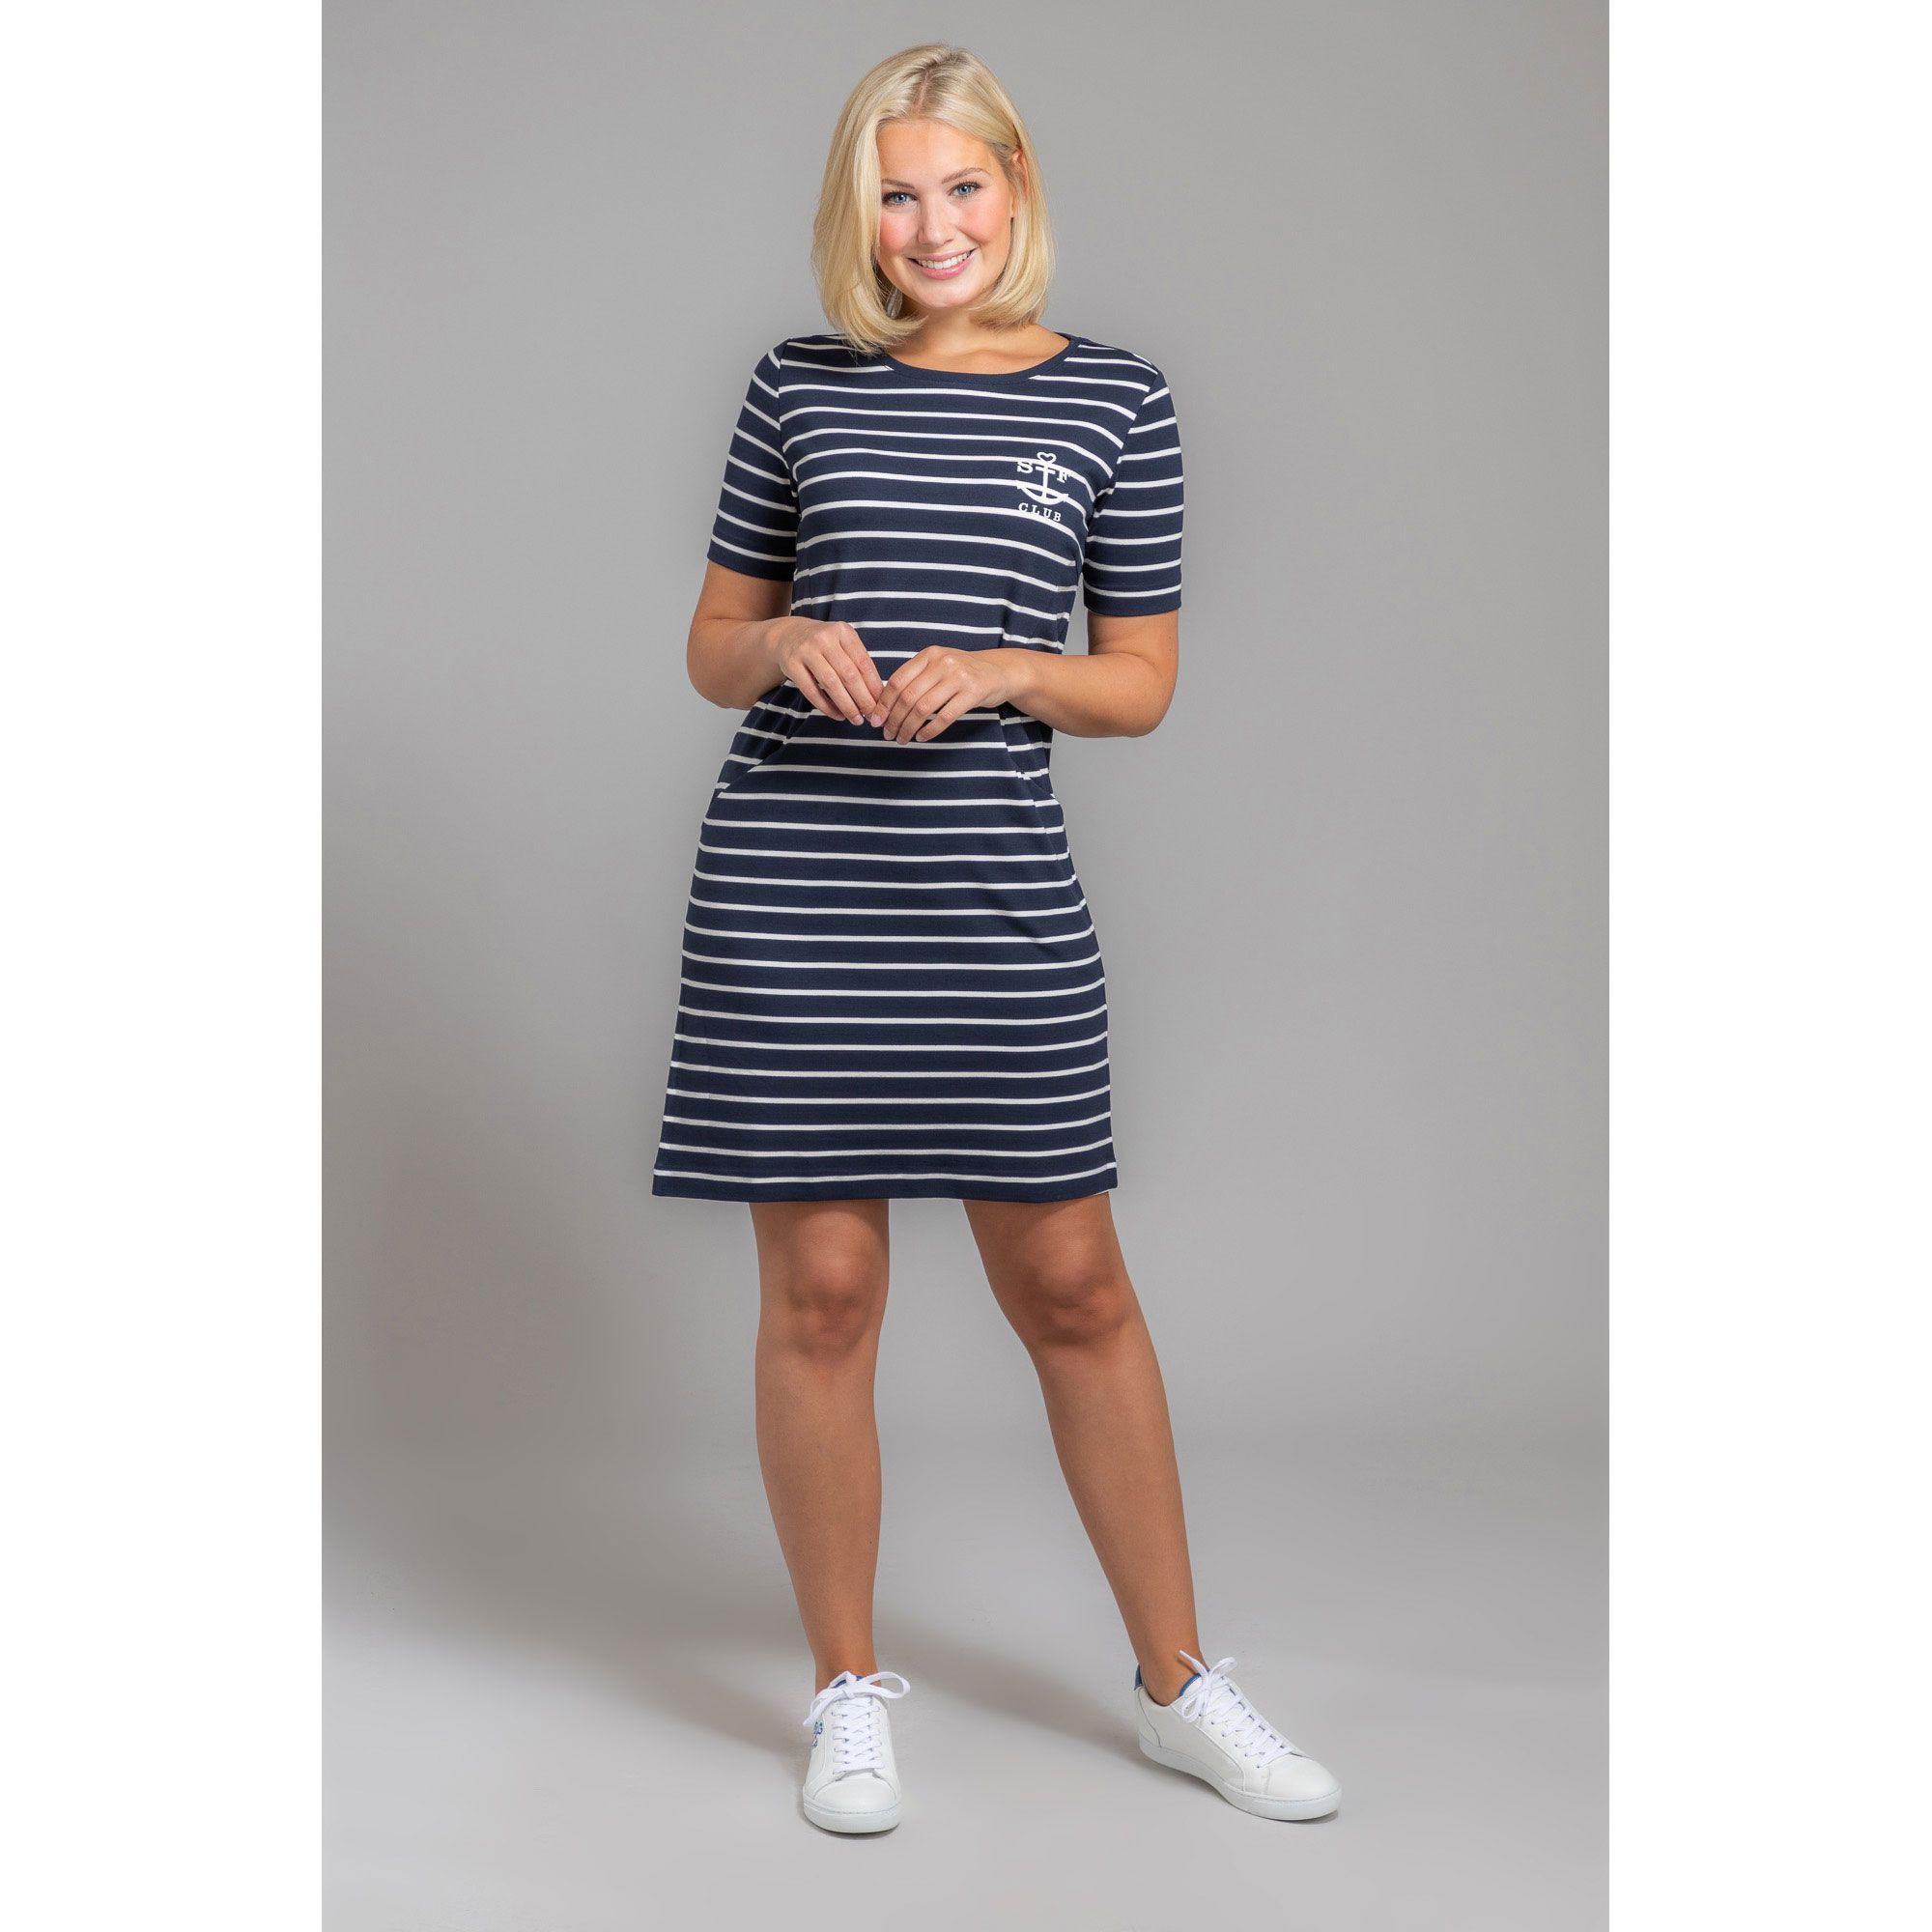 strandfein jerseykleid, 1/2-arm oberschenkel- umspielend, ca. 92cm  elastisch - qvc.de